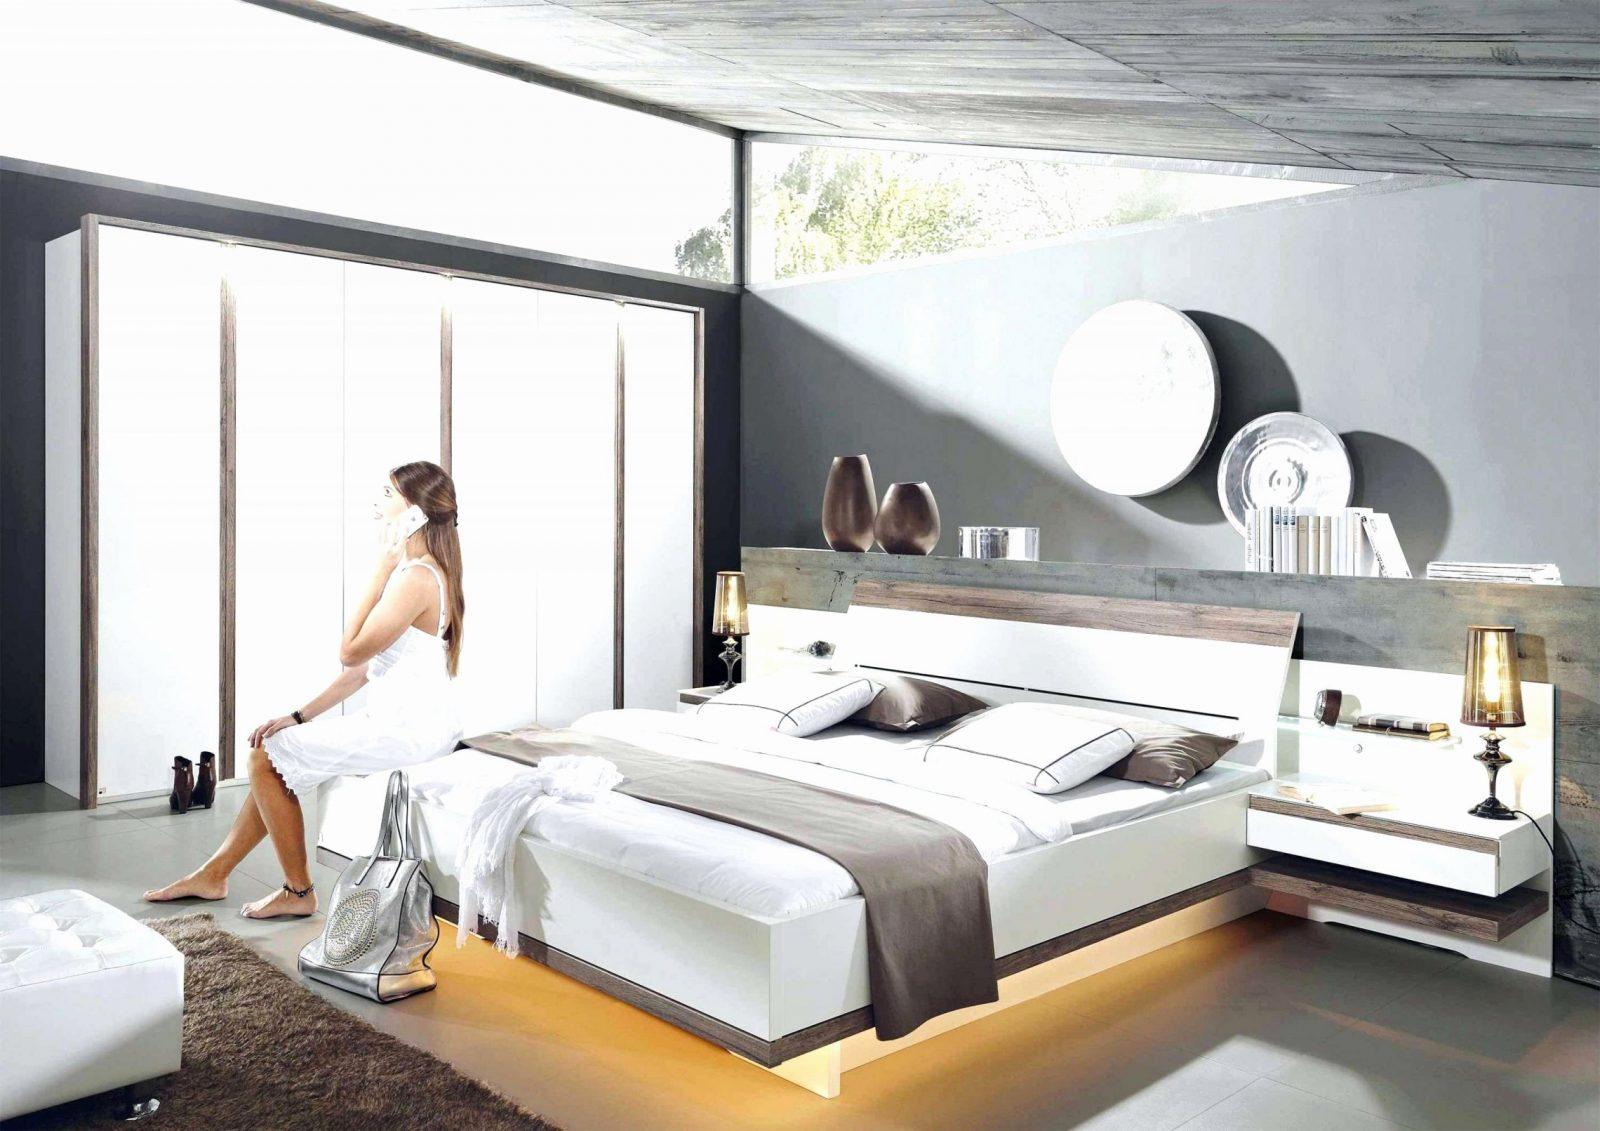 Designs Stock Von Kreative Wandgestaltung Schlafzimmer  Wohnzimmer von Wandgestaltung Schlafzimmer Selber Machen Bild